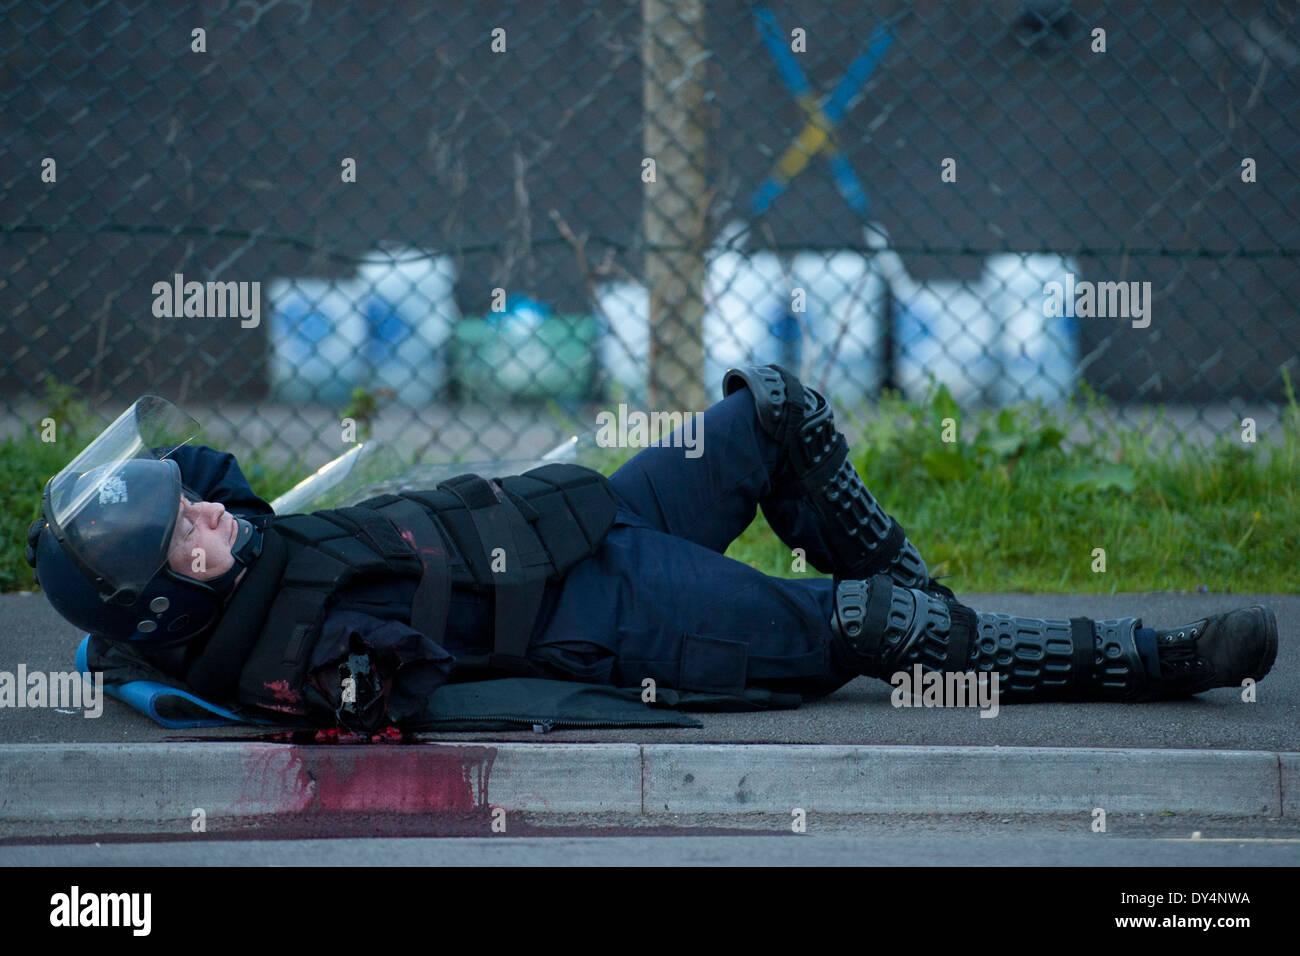 Un agent de police anti-émeute blessés. Photo Stock